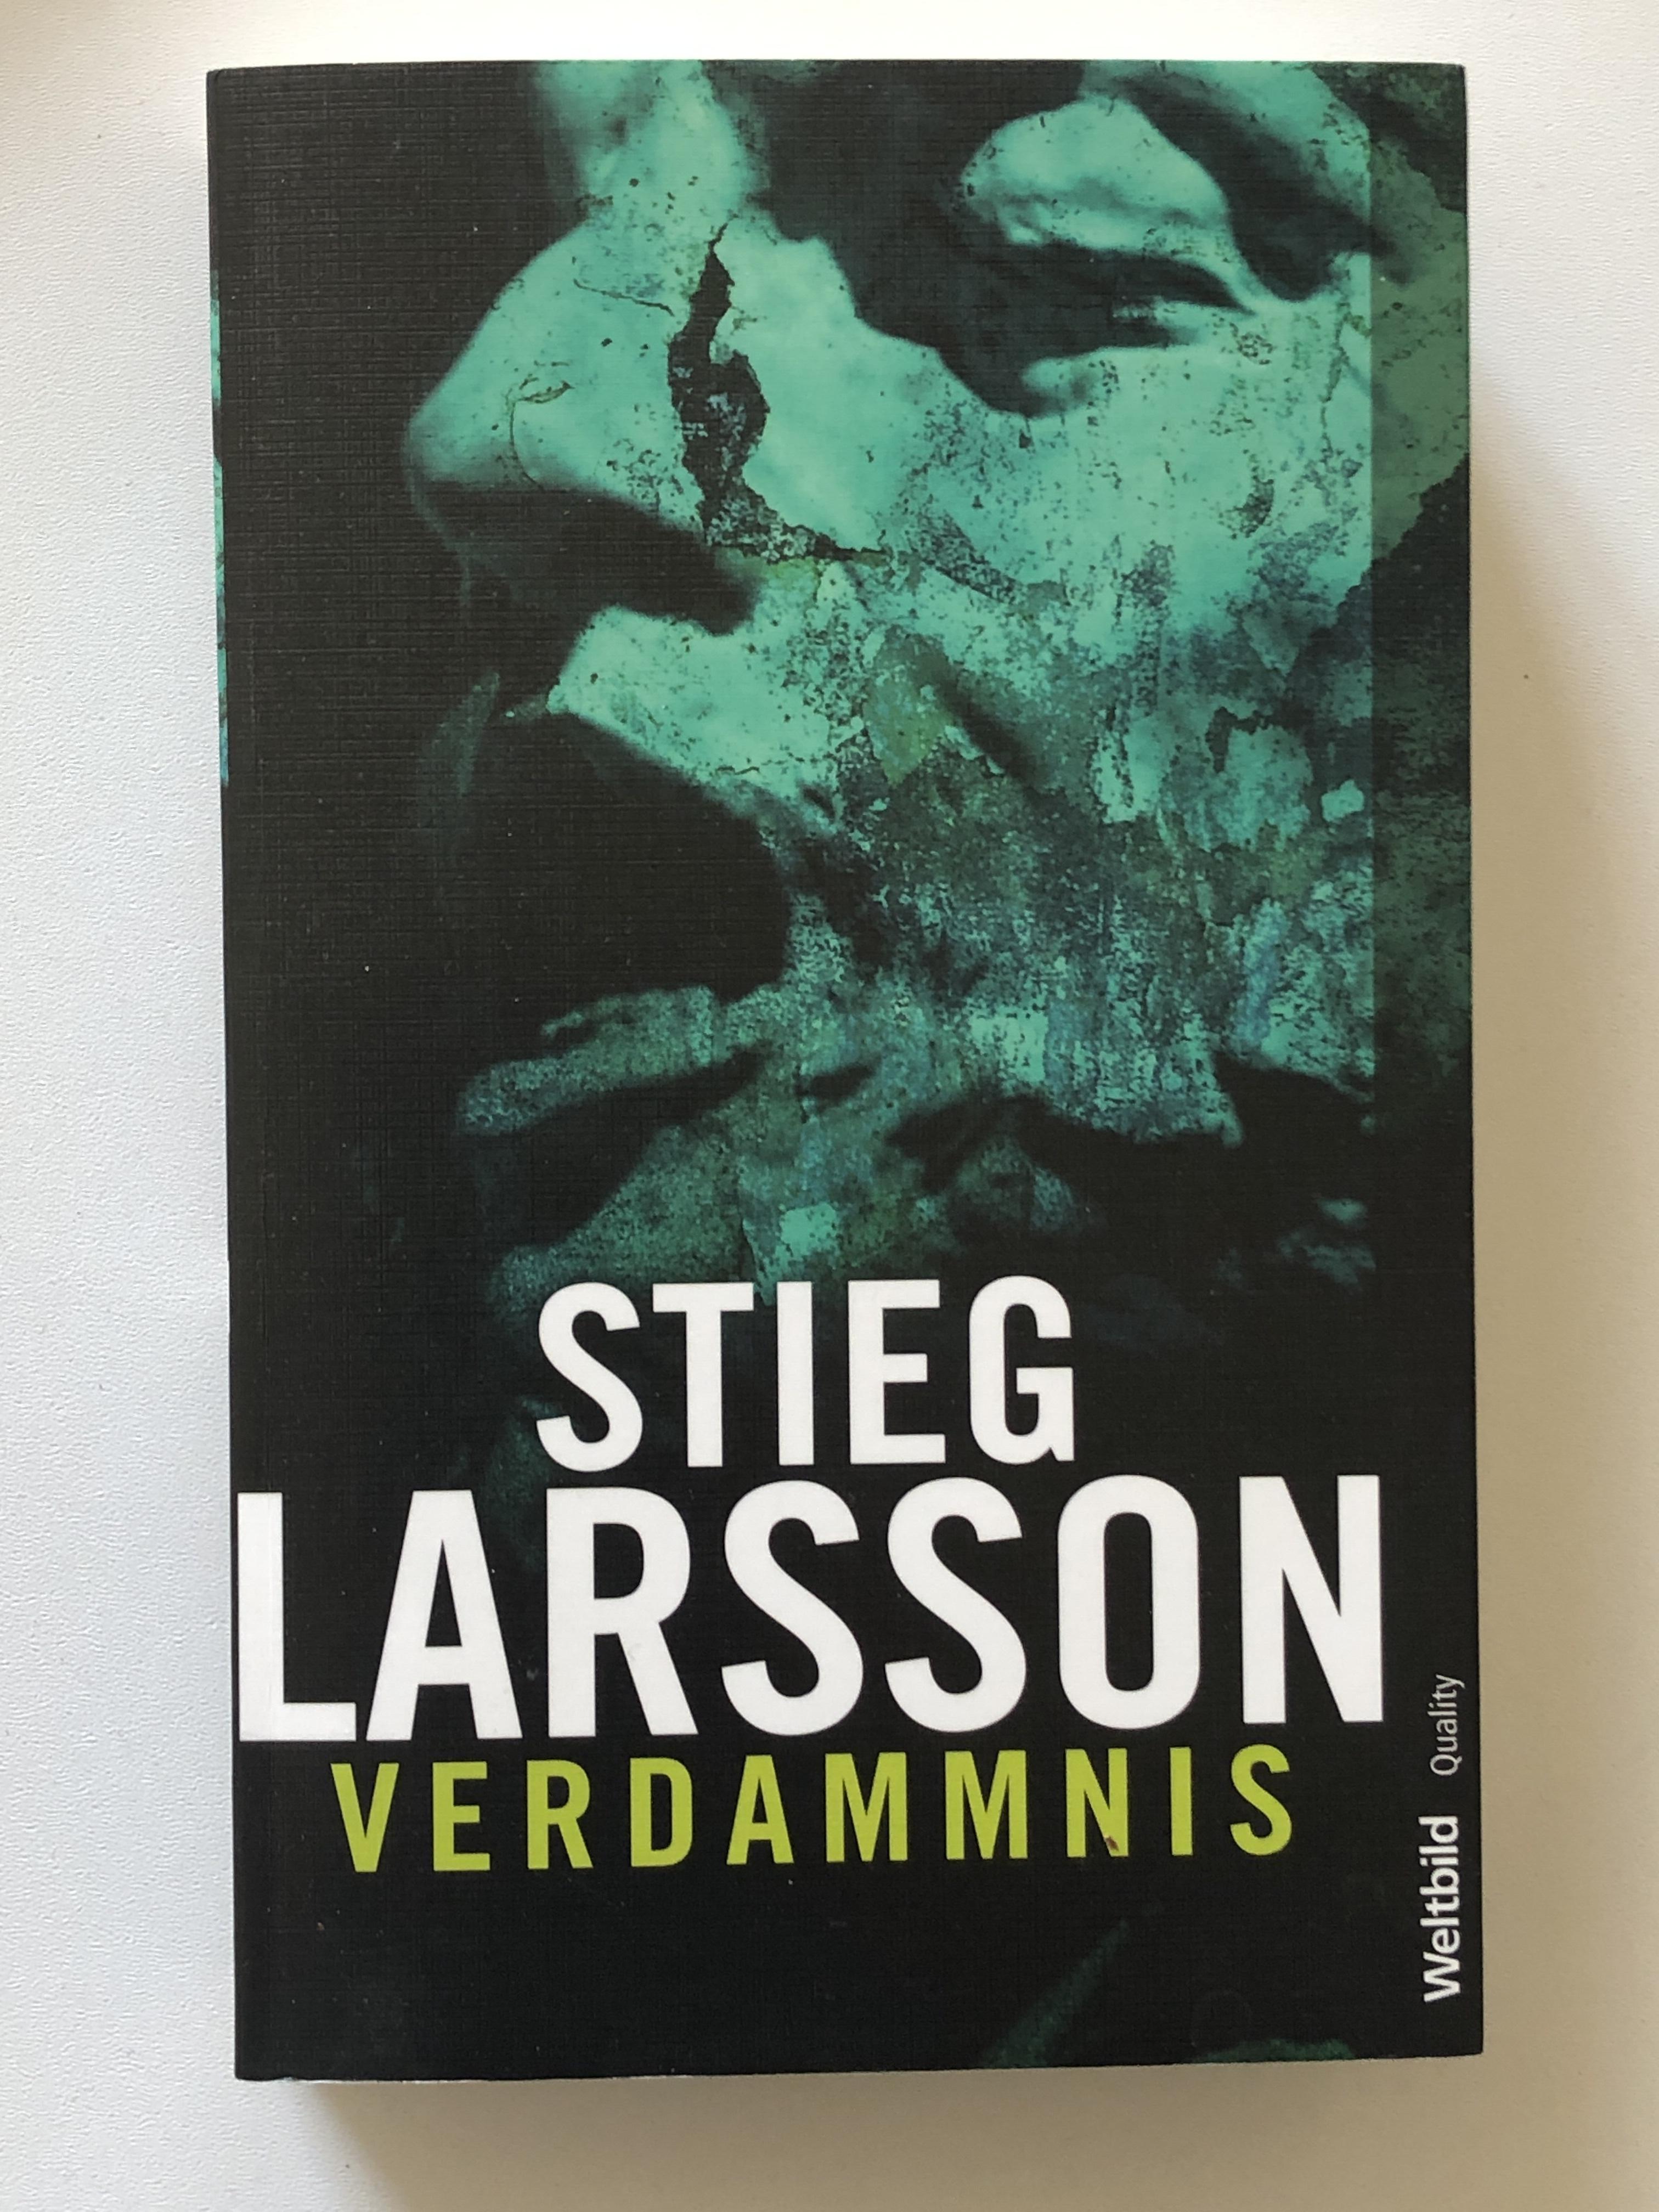 Stieg Larsson Verdammnis tauschen